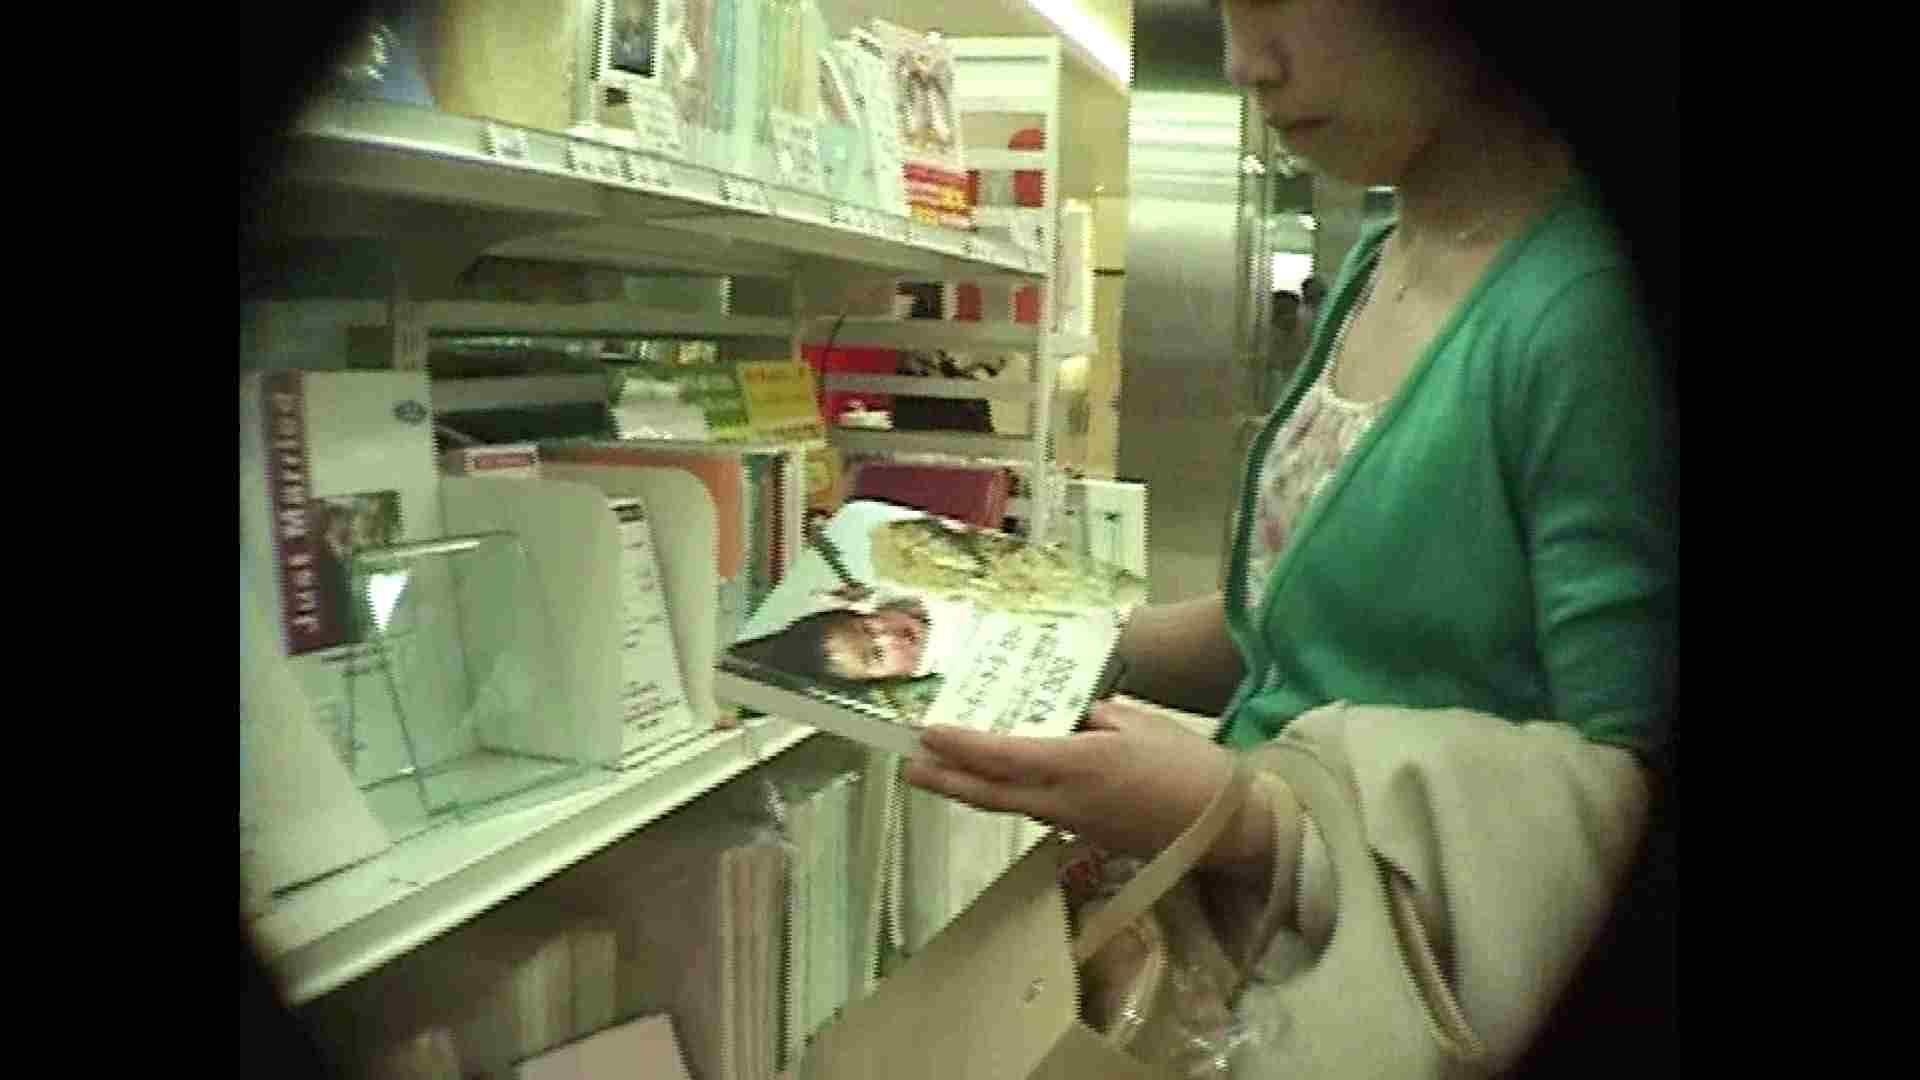 働く美女の谷間参拝 Vol.39 美女エロ画像   OLエロ画像  72PICs 1